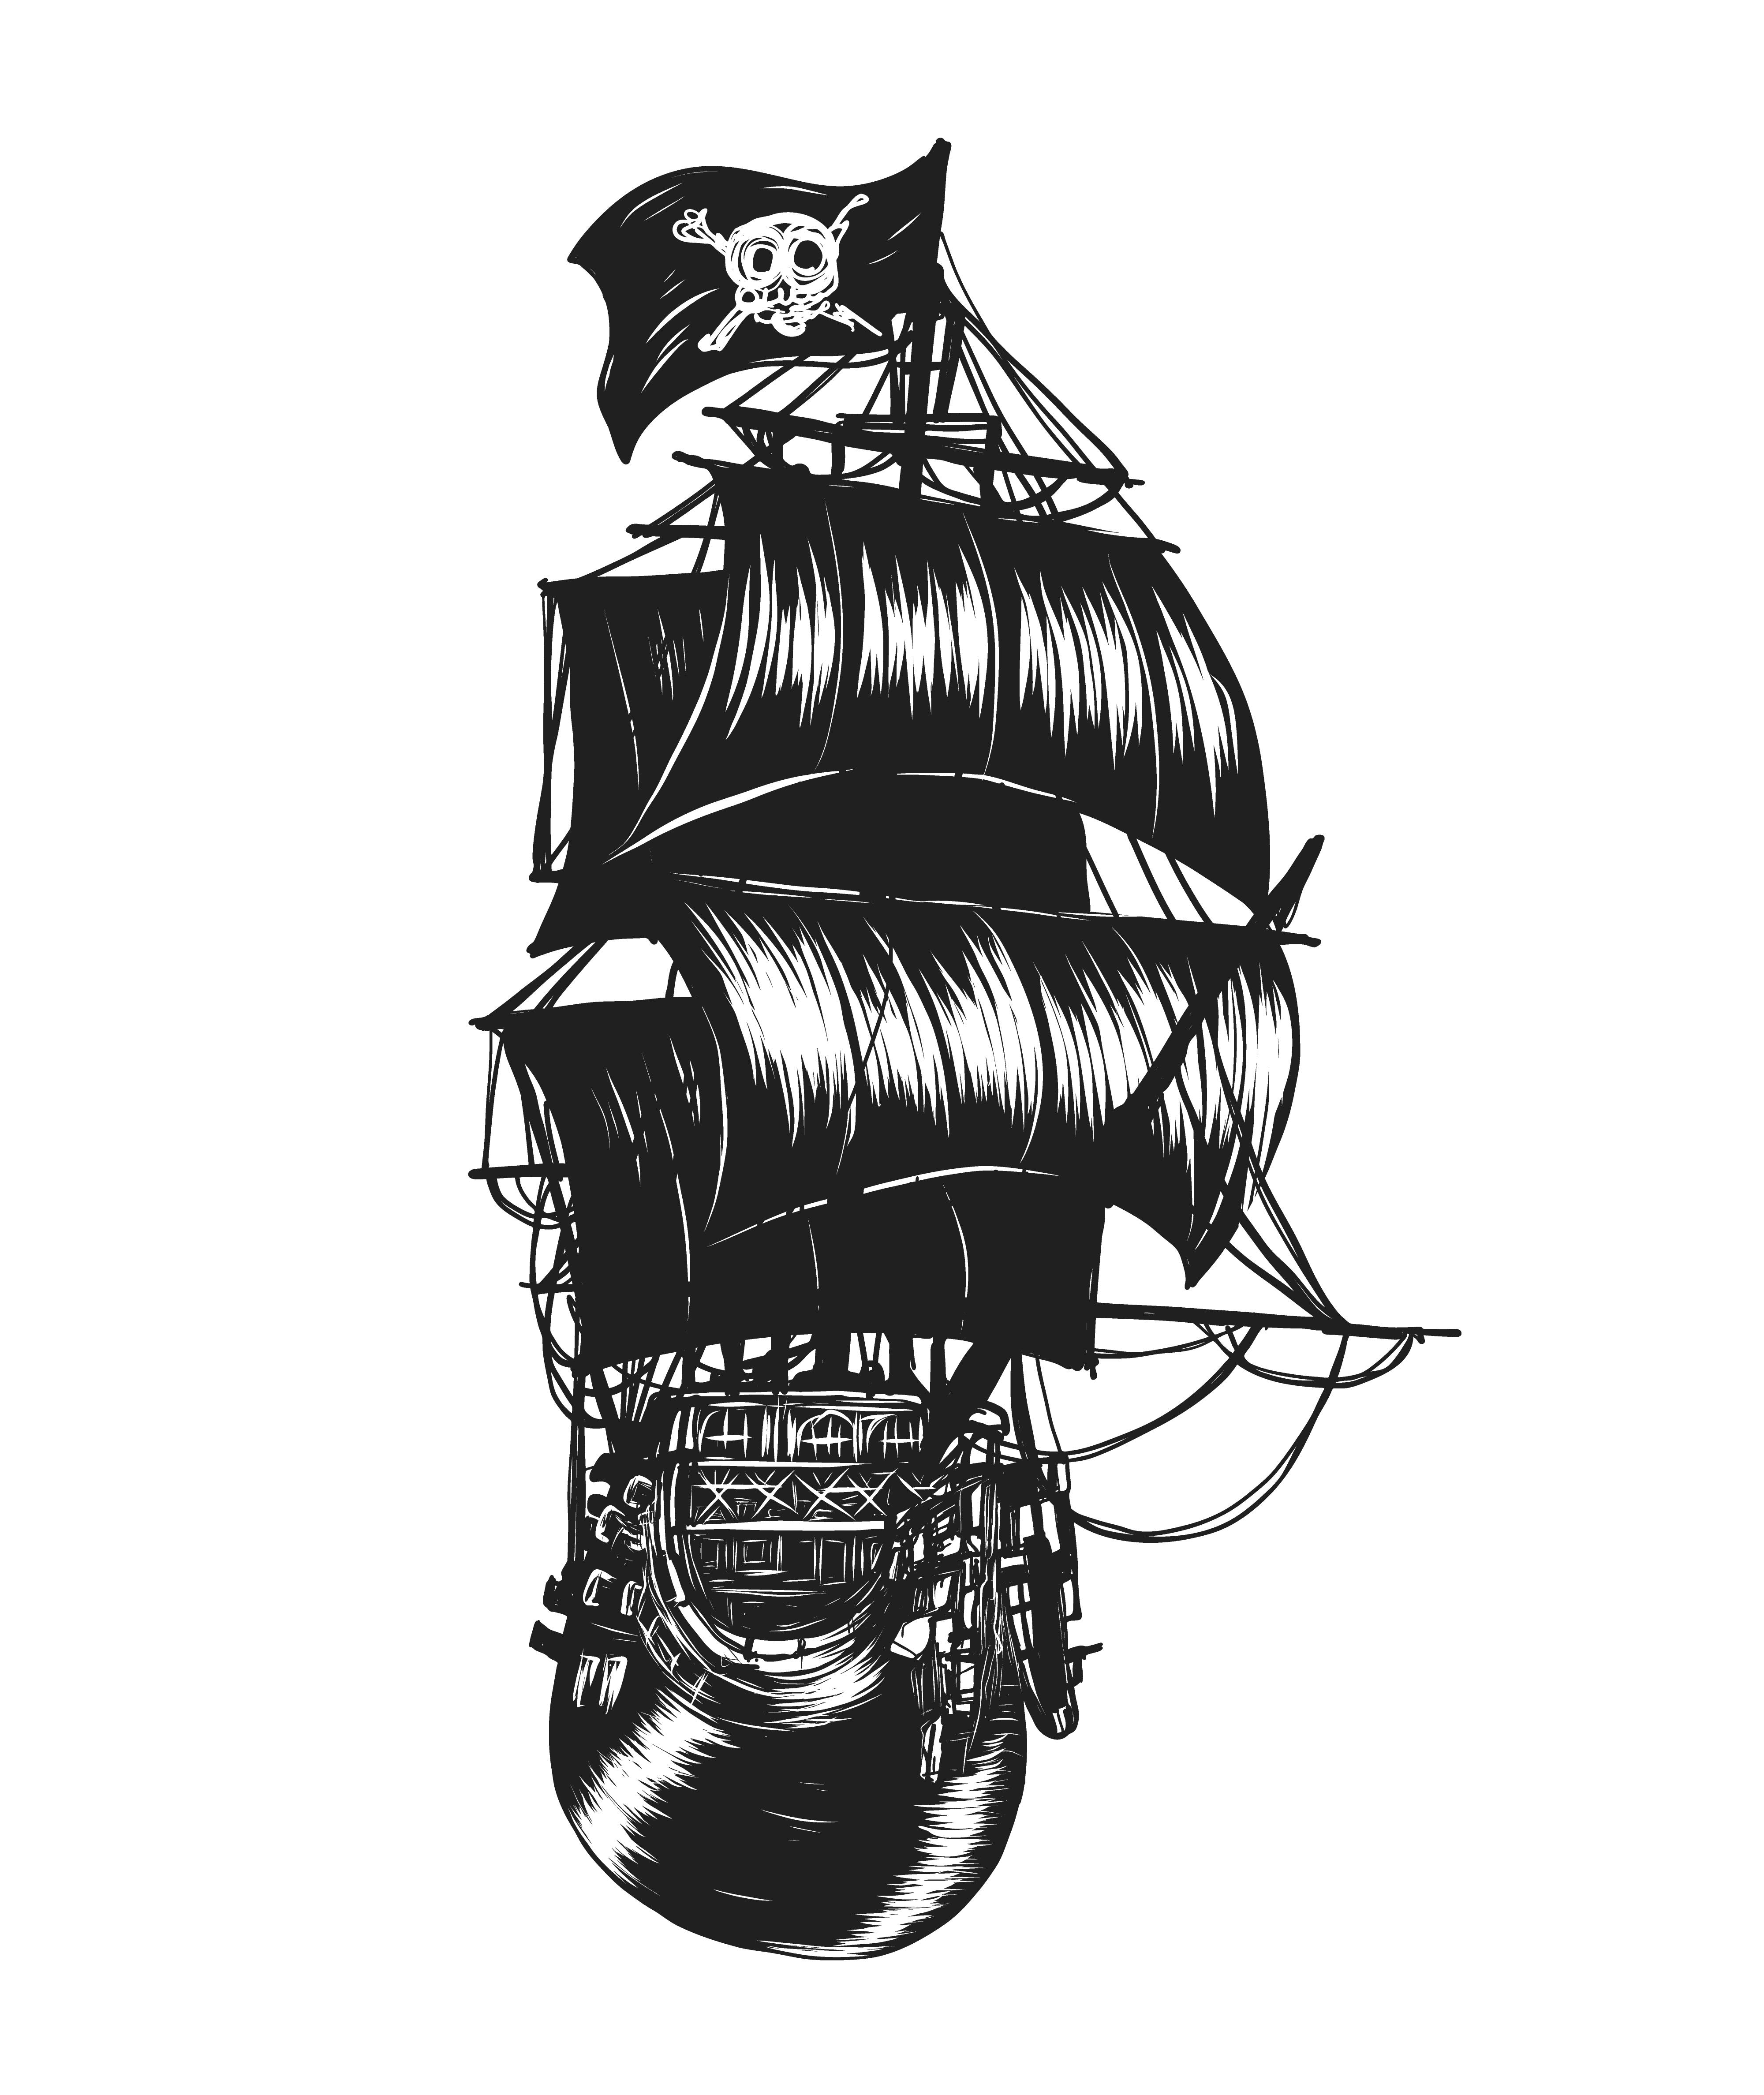 Dessin De Main De Bateau Pirate Telecharger Vectoriel Gratuit Clipart Graphique Vecteur Dessins Et Pictogramme Gratuit